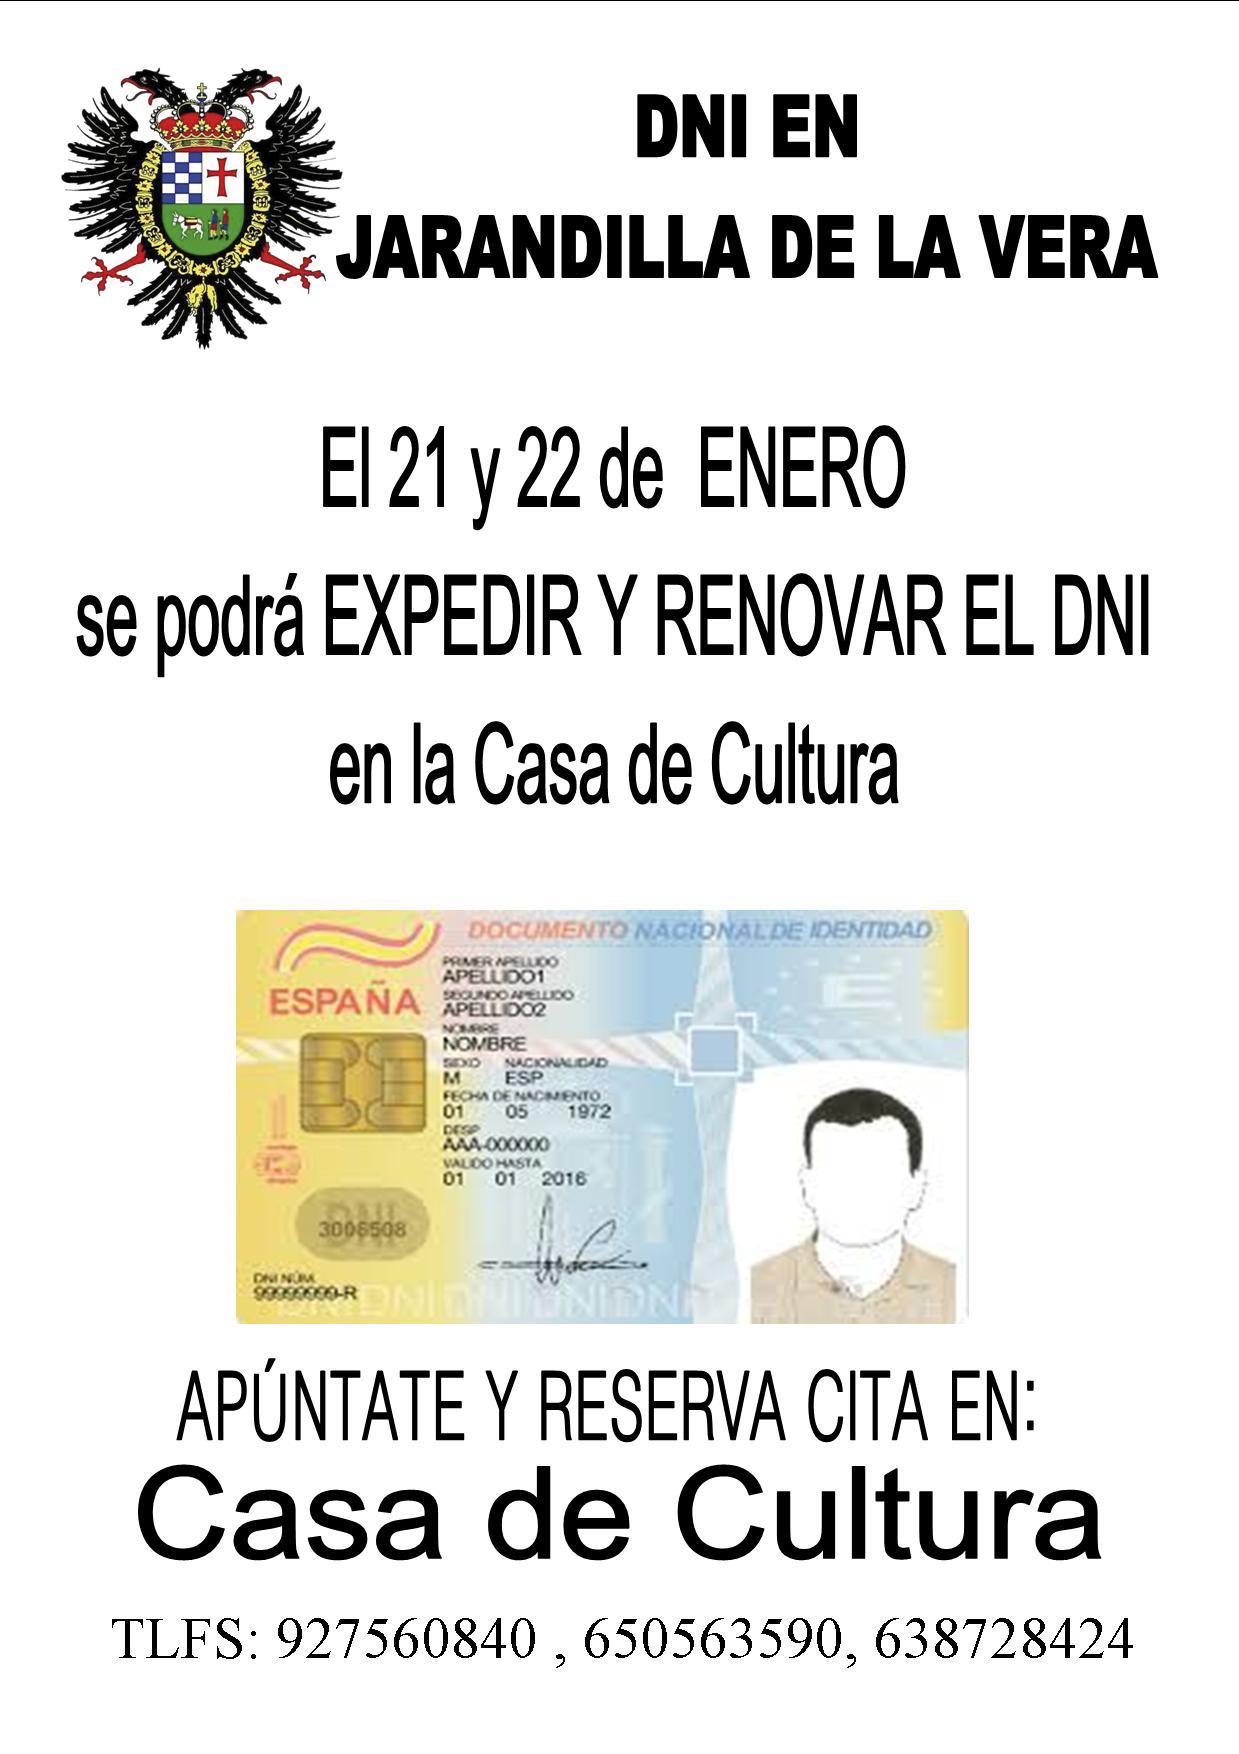 Durante los próximos días 21 y 22 de Enero podrás renovar y /o expedir el DNI en la Casa de Cultura de Jarandilla de la Vera.